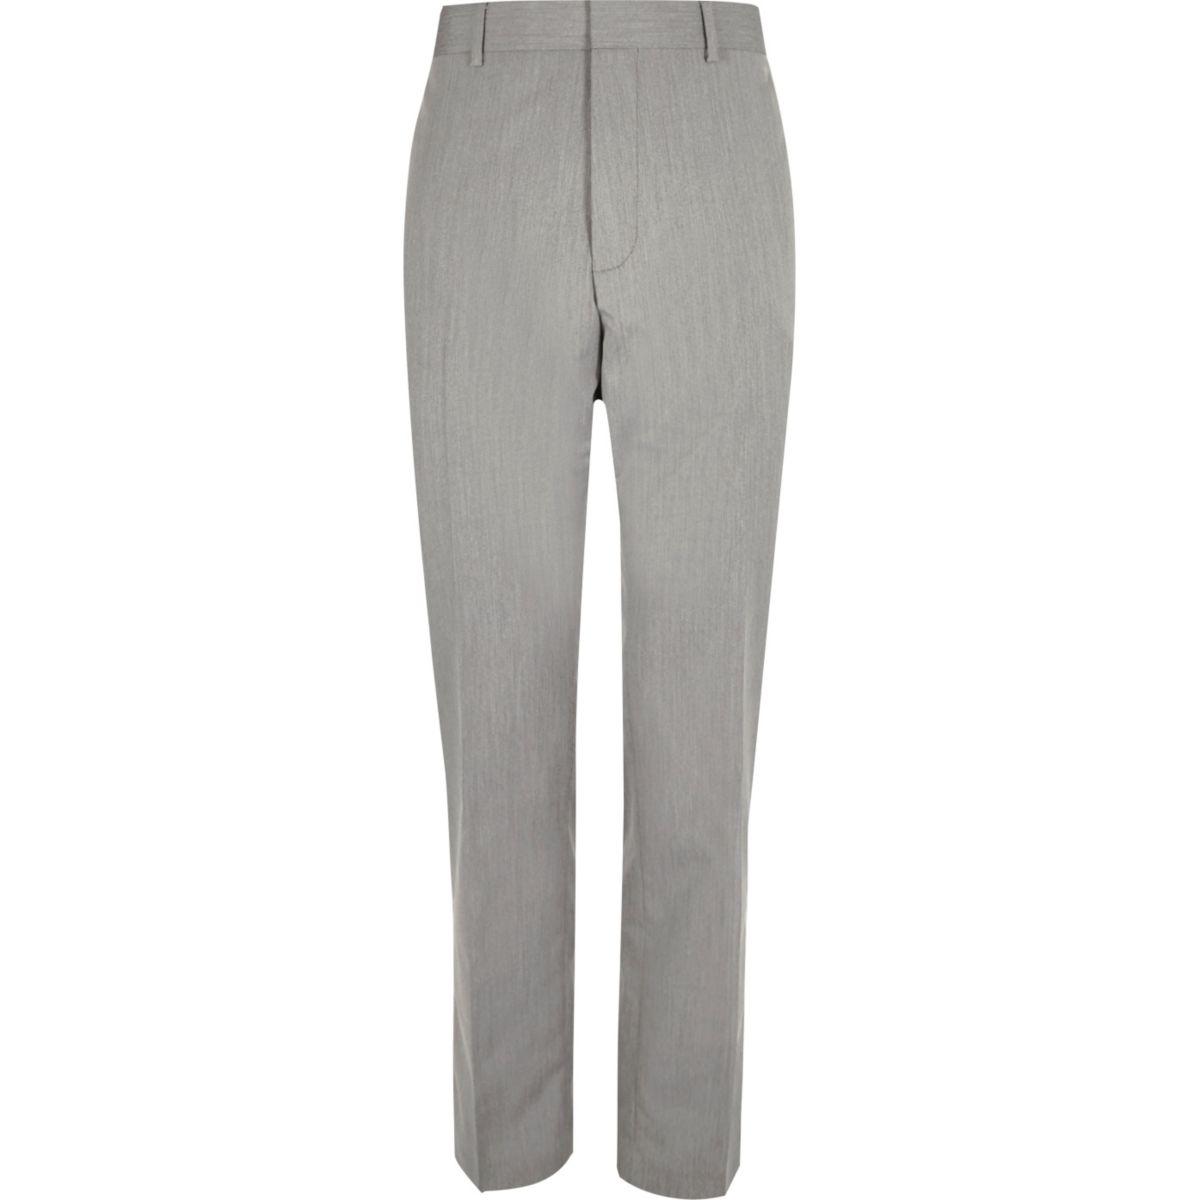 Pantalon de costume ajusté gris